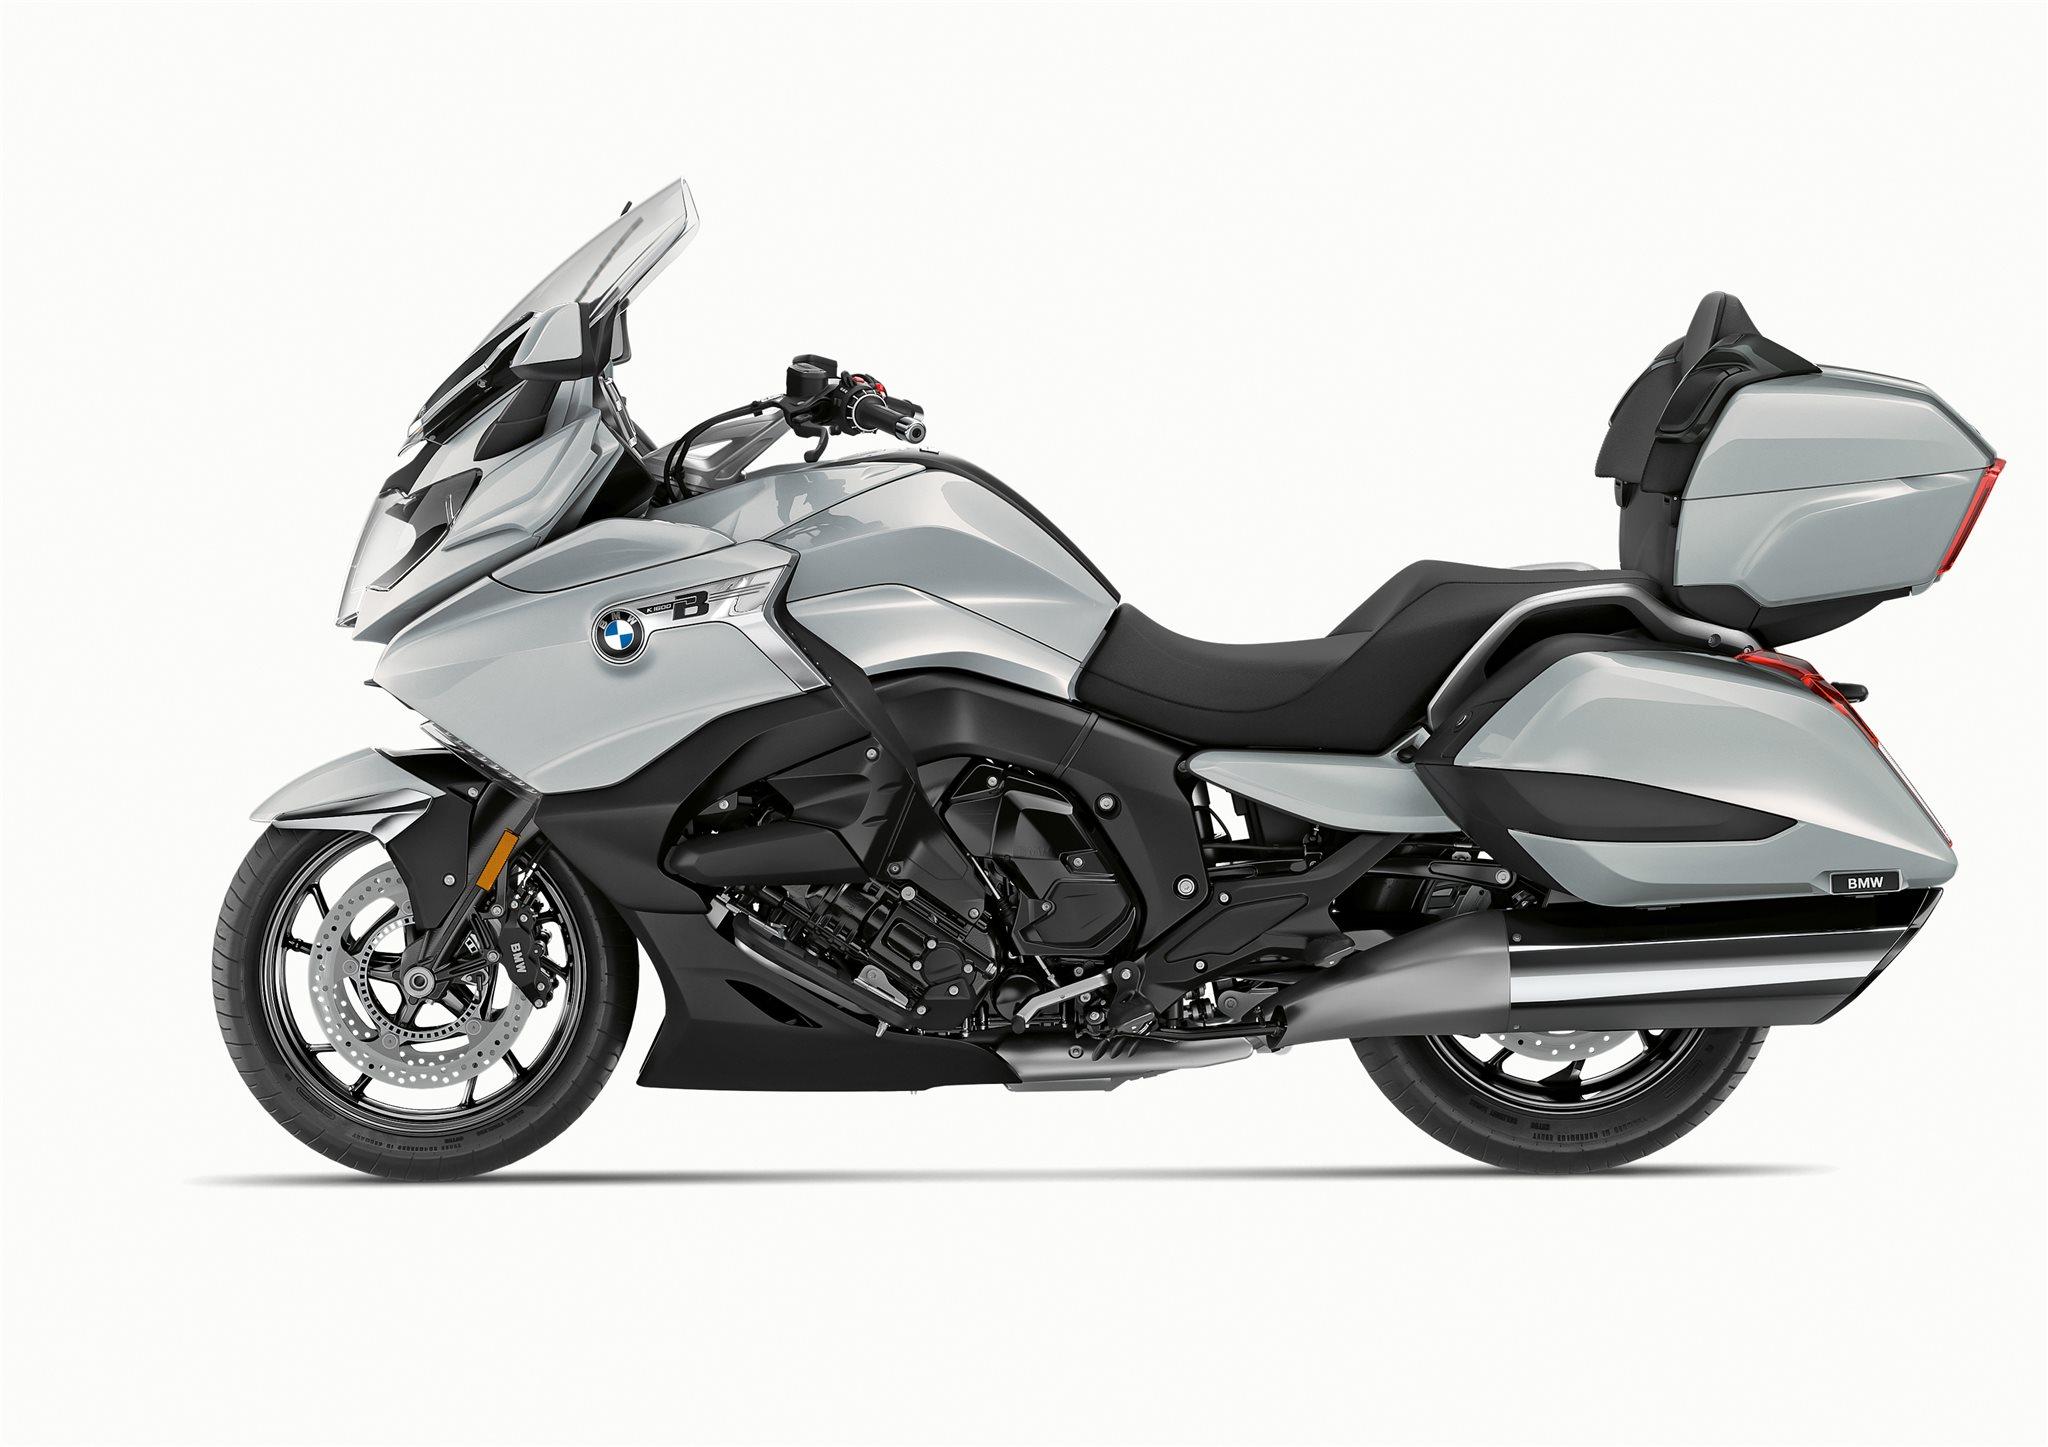 gebrauchte und neue bmw k 1600 grand america motorräder kaufen